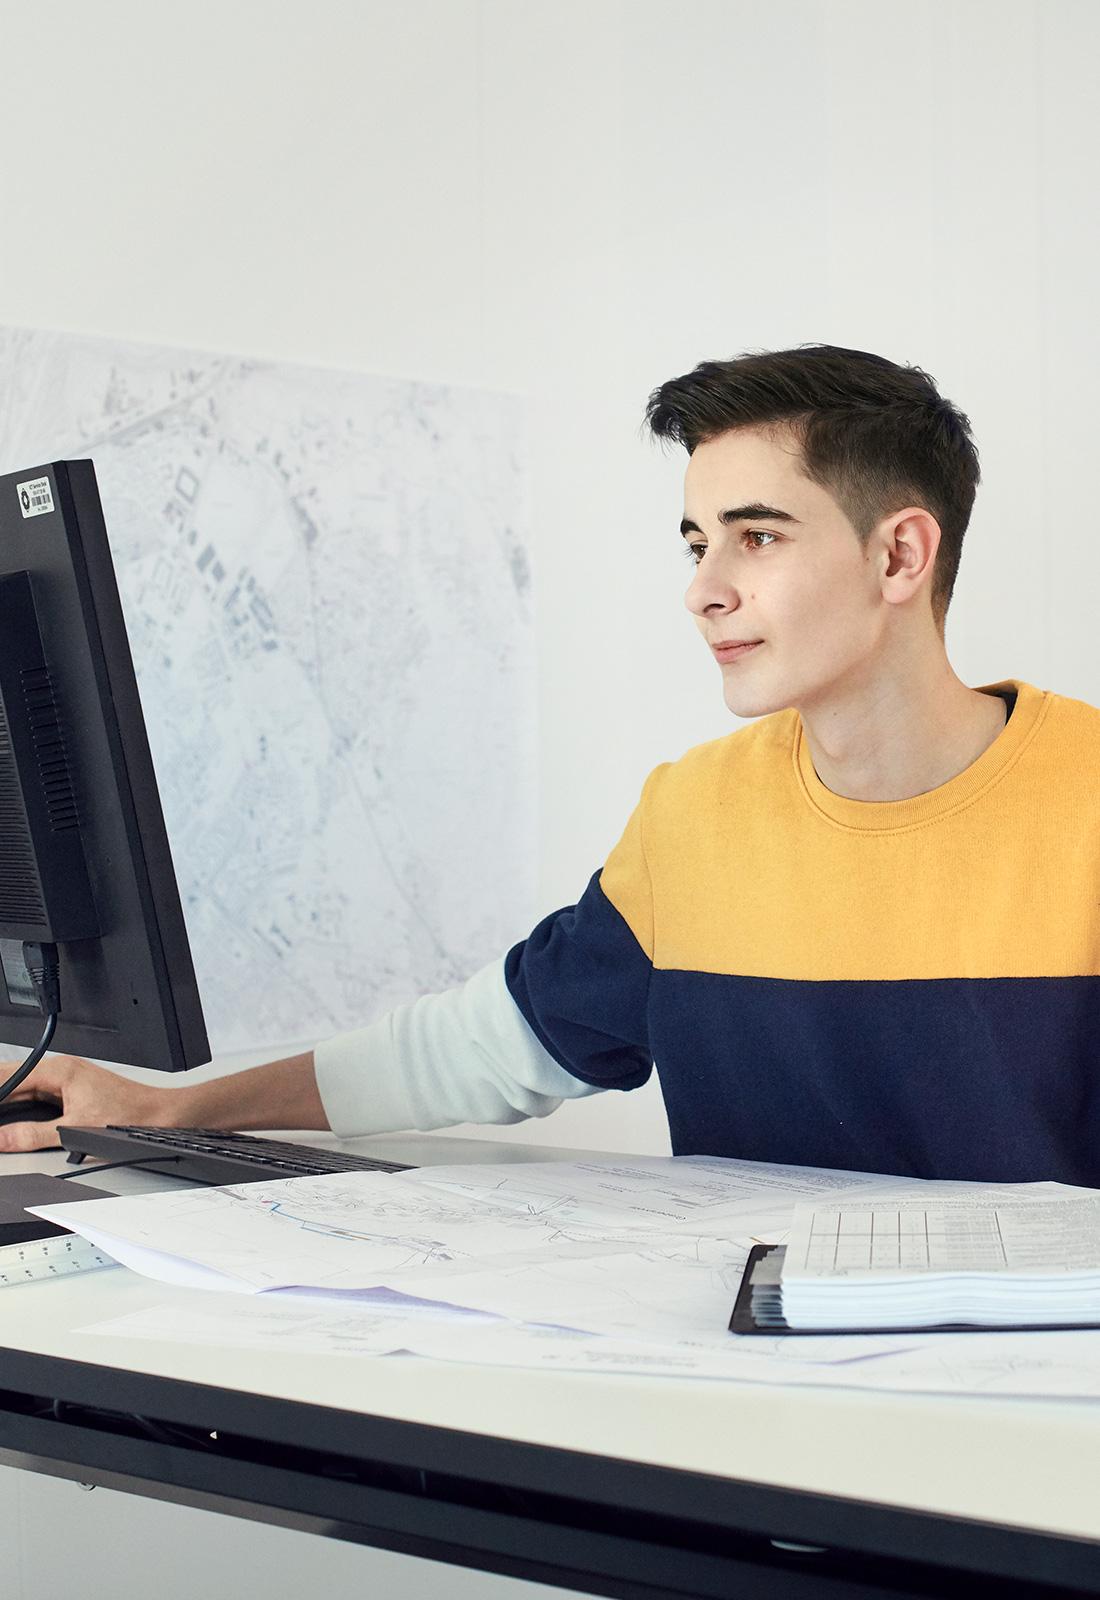 Ein junger Mann vor einem Bildschirm